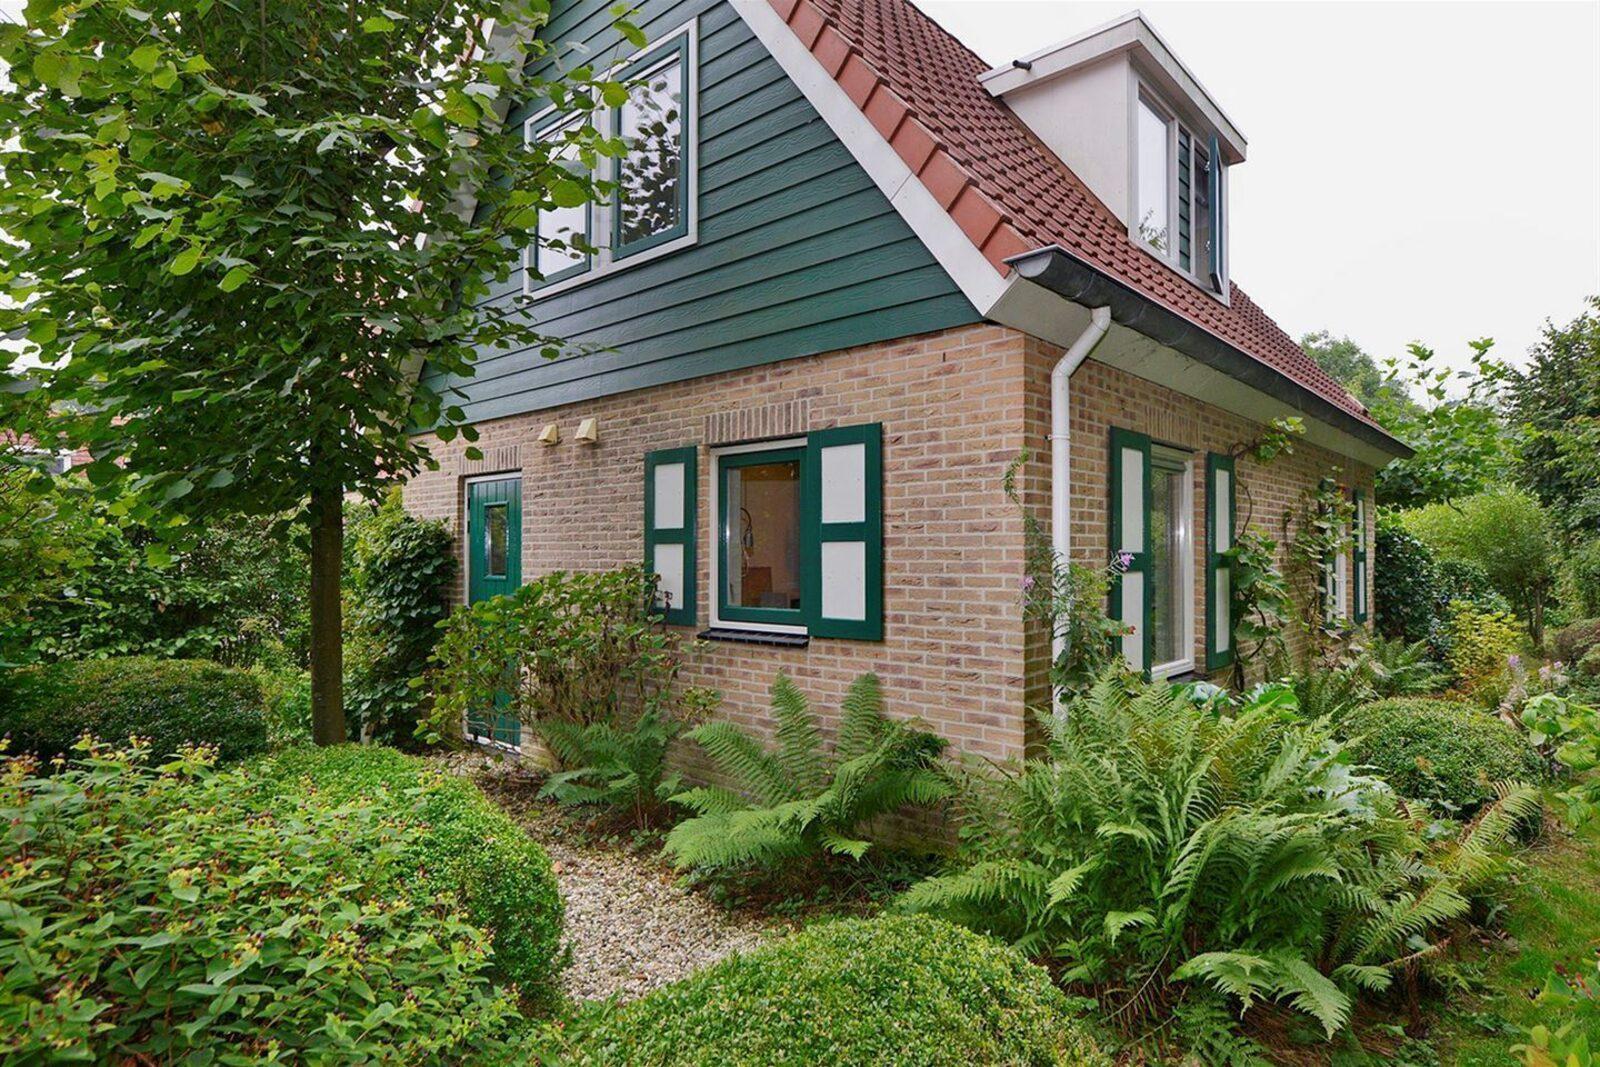 Ferienhaus für 5 Personen ca 110 m² in Zonnemaire Zeeland Küste von Zeeland